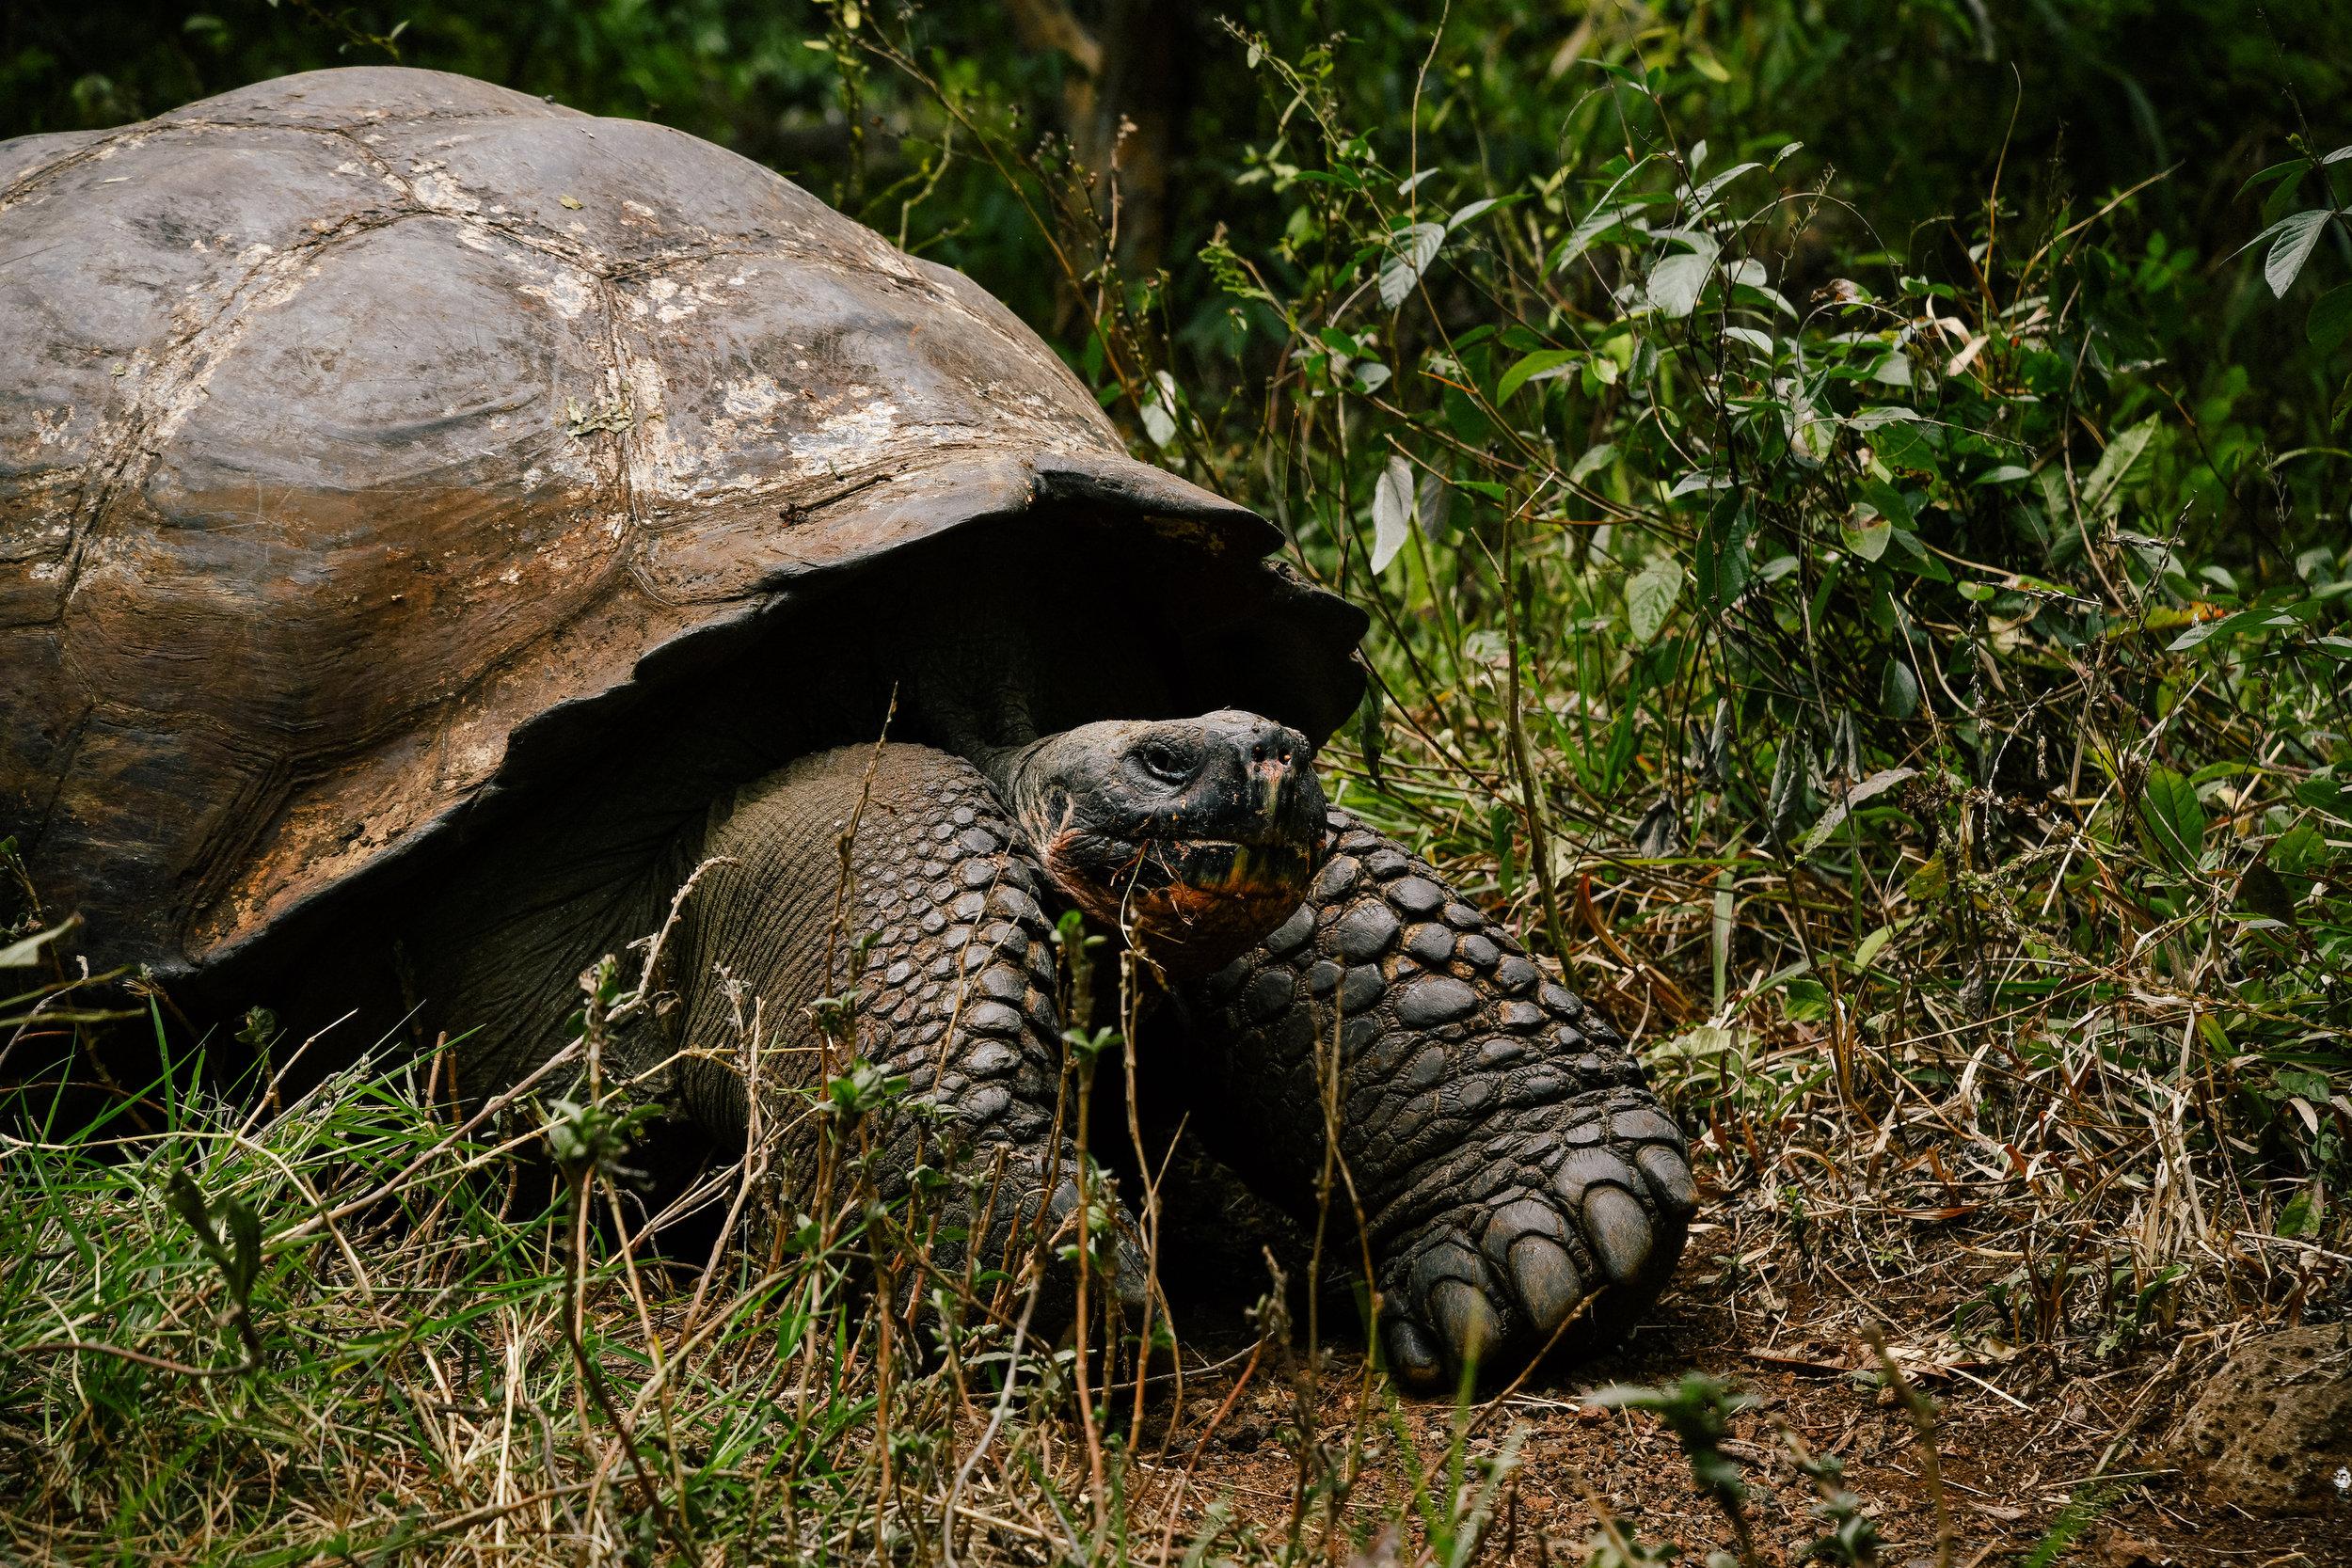 a huge galapagos land tortoise